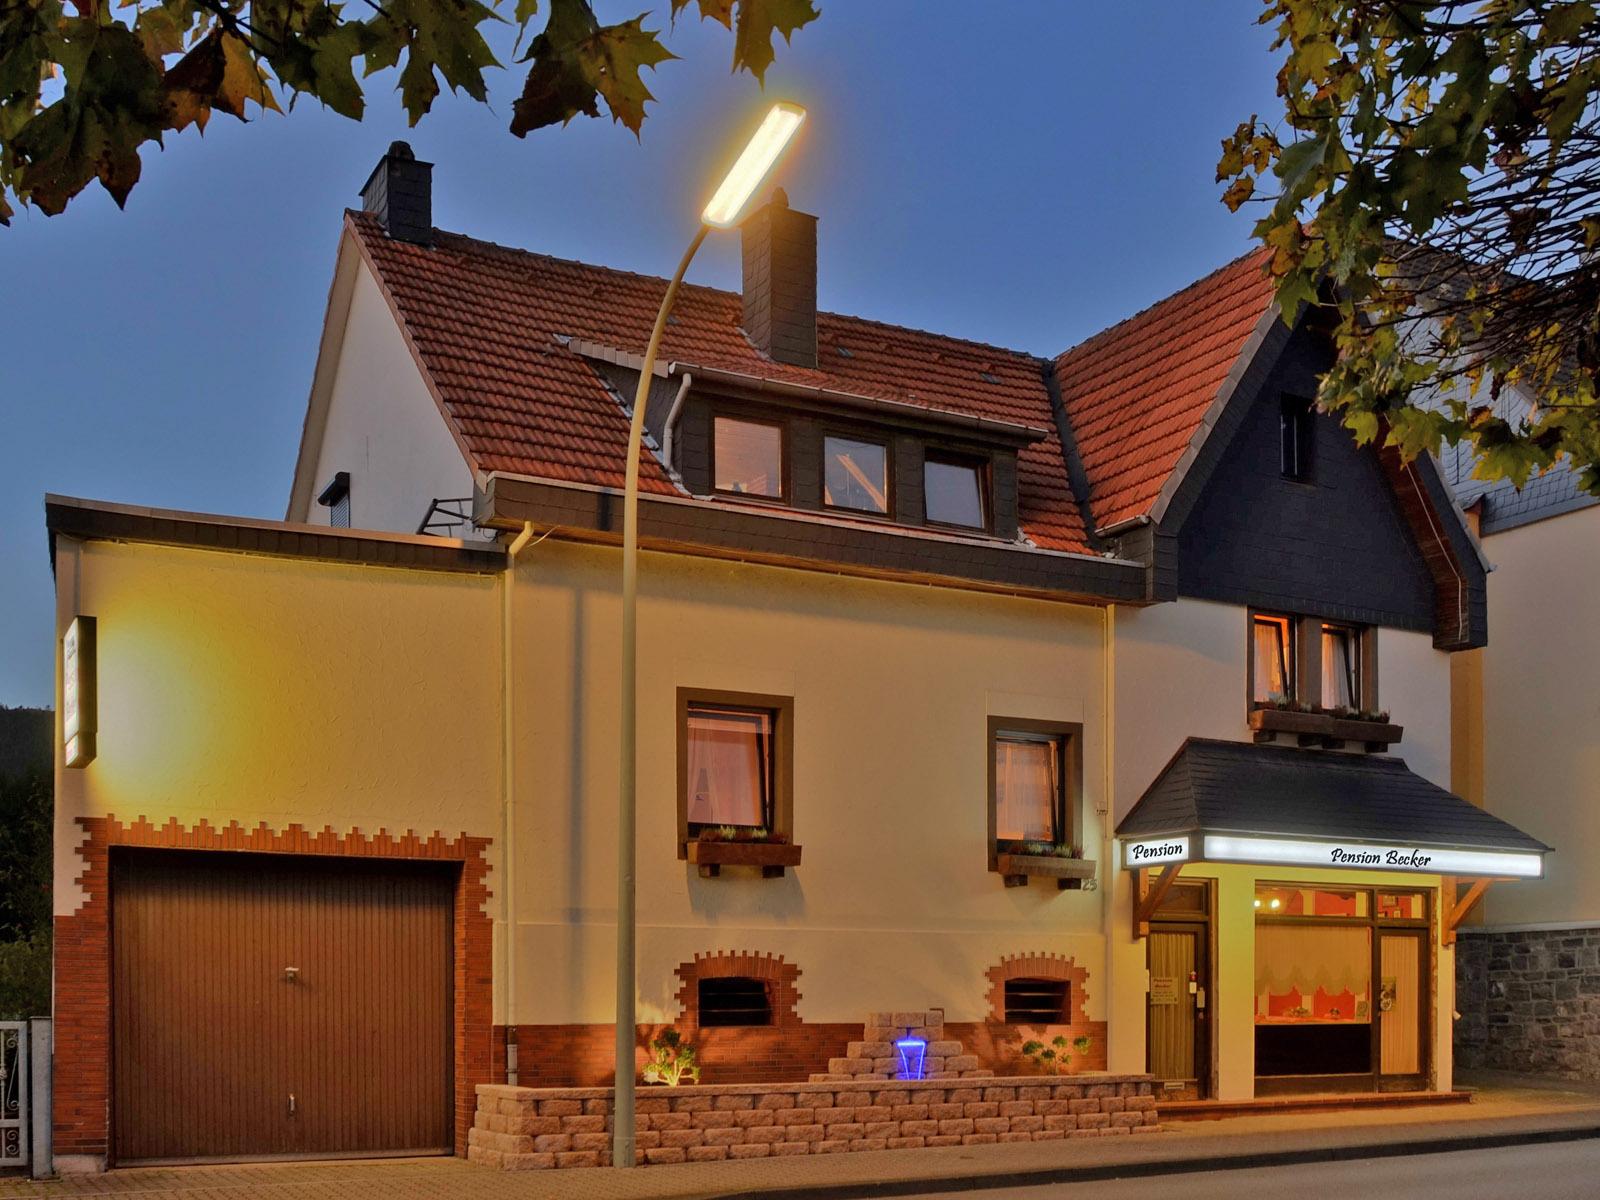 Pension Becker (Arnsberg)Pension Becker (Arnsberg) Ferienhaus in Nordrhein Westfalen